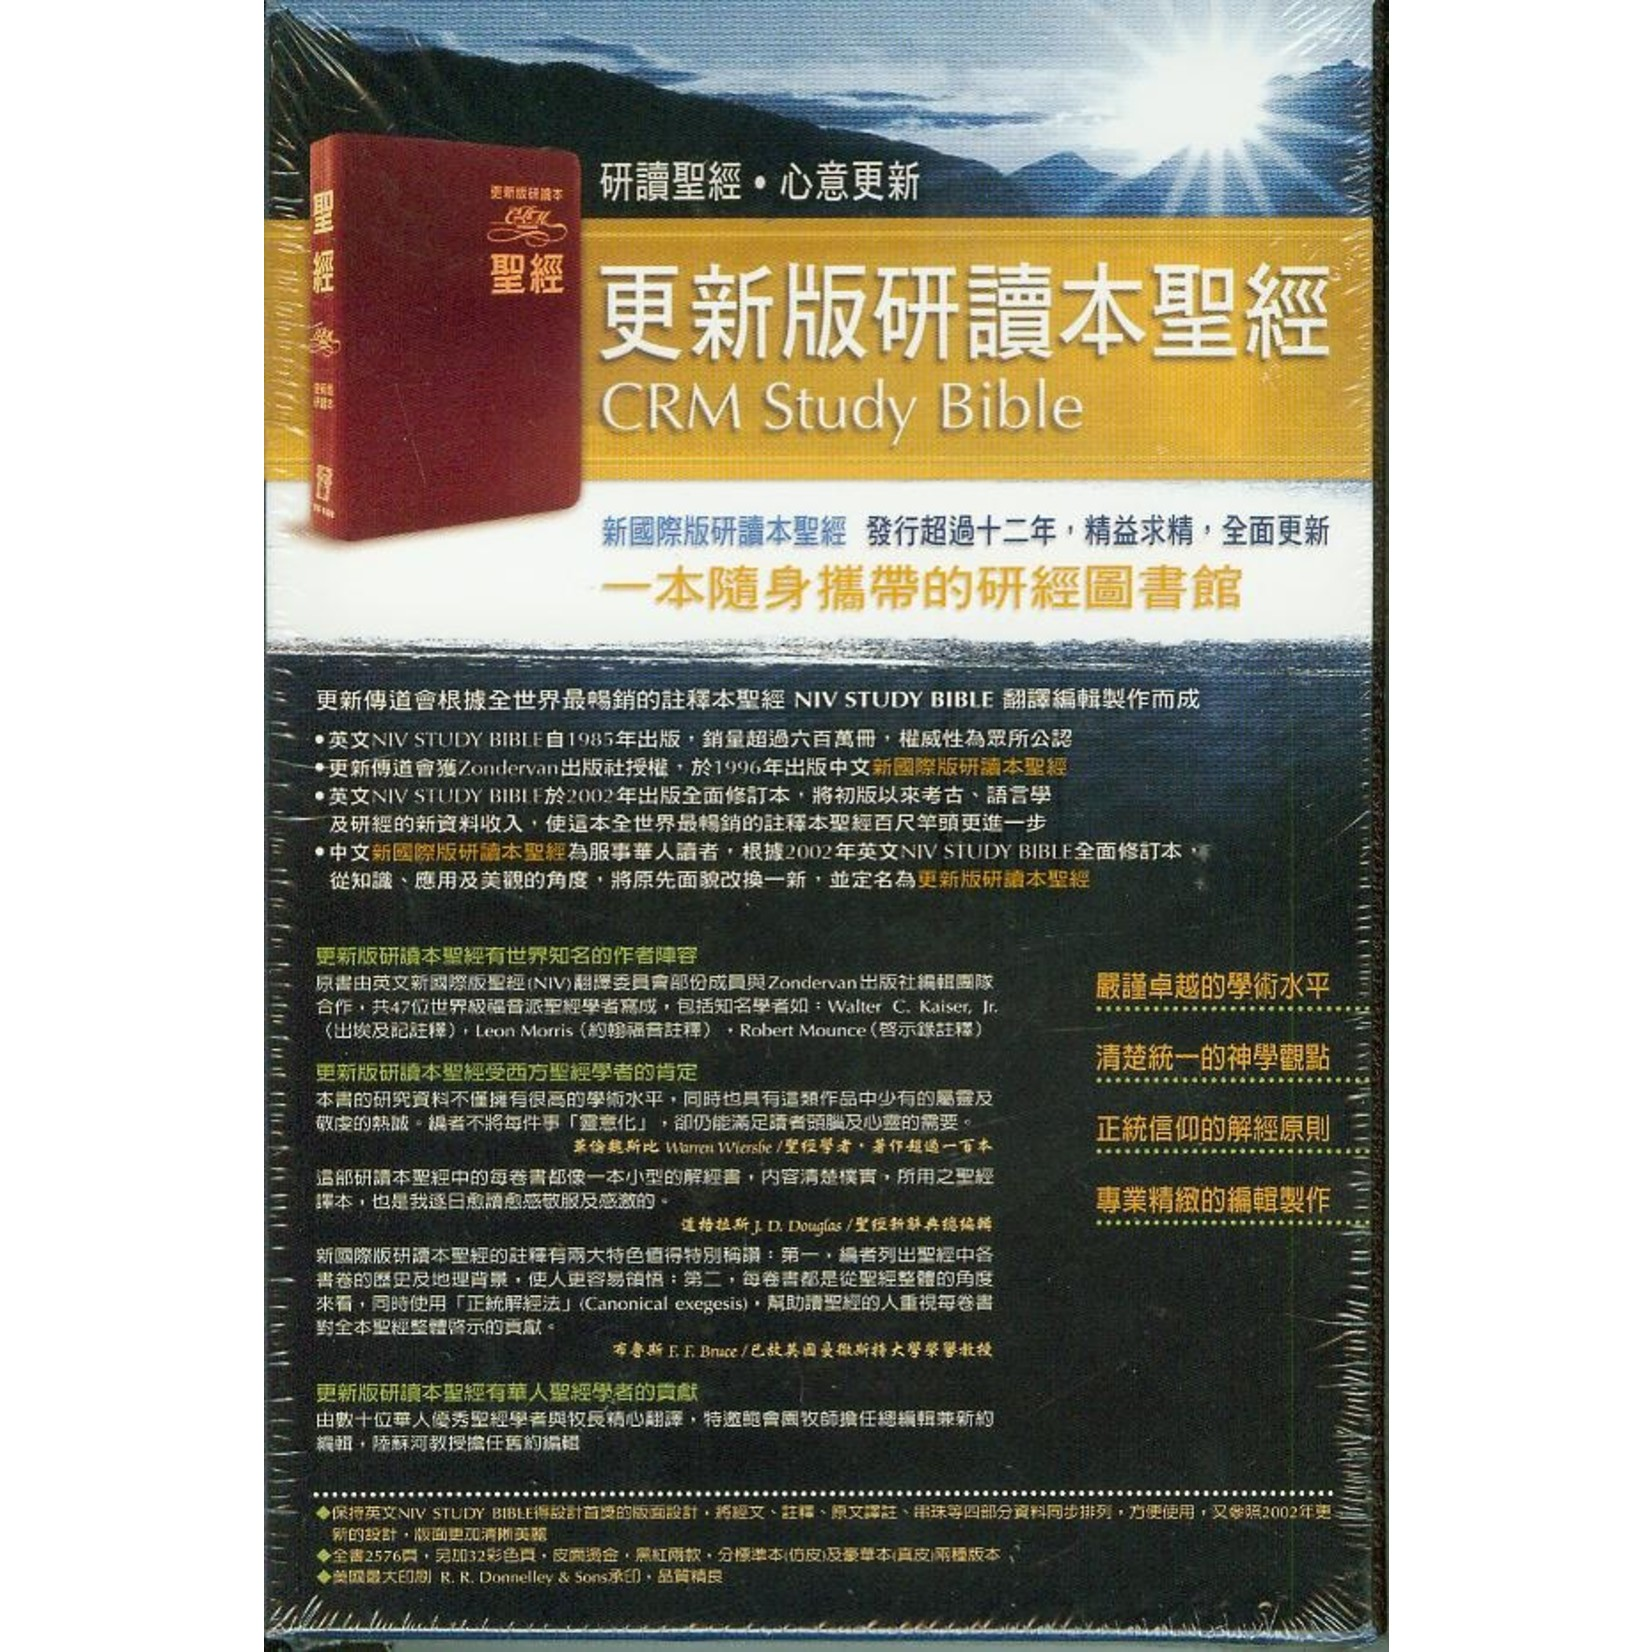 更新傳道會 Christian Renewal Ministries 更新版研讀本聖經.標準本.棗紅色(繁體) CRM STUDY BIBLE (BURGUNDY/STANDARD)